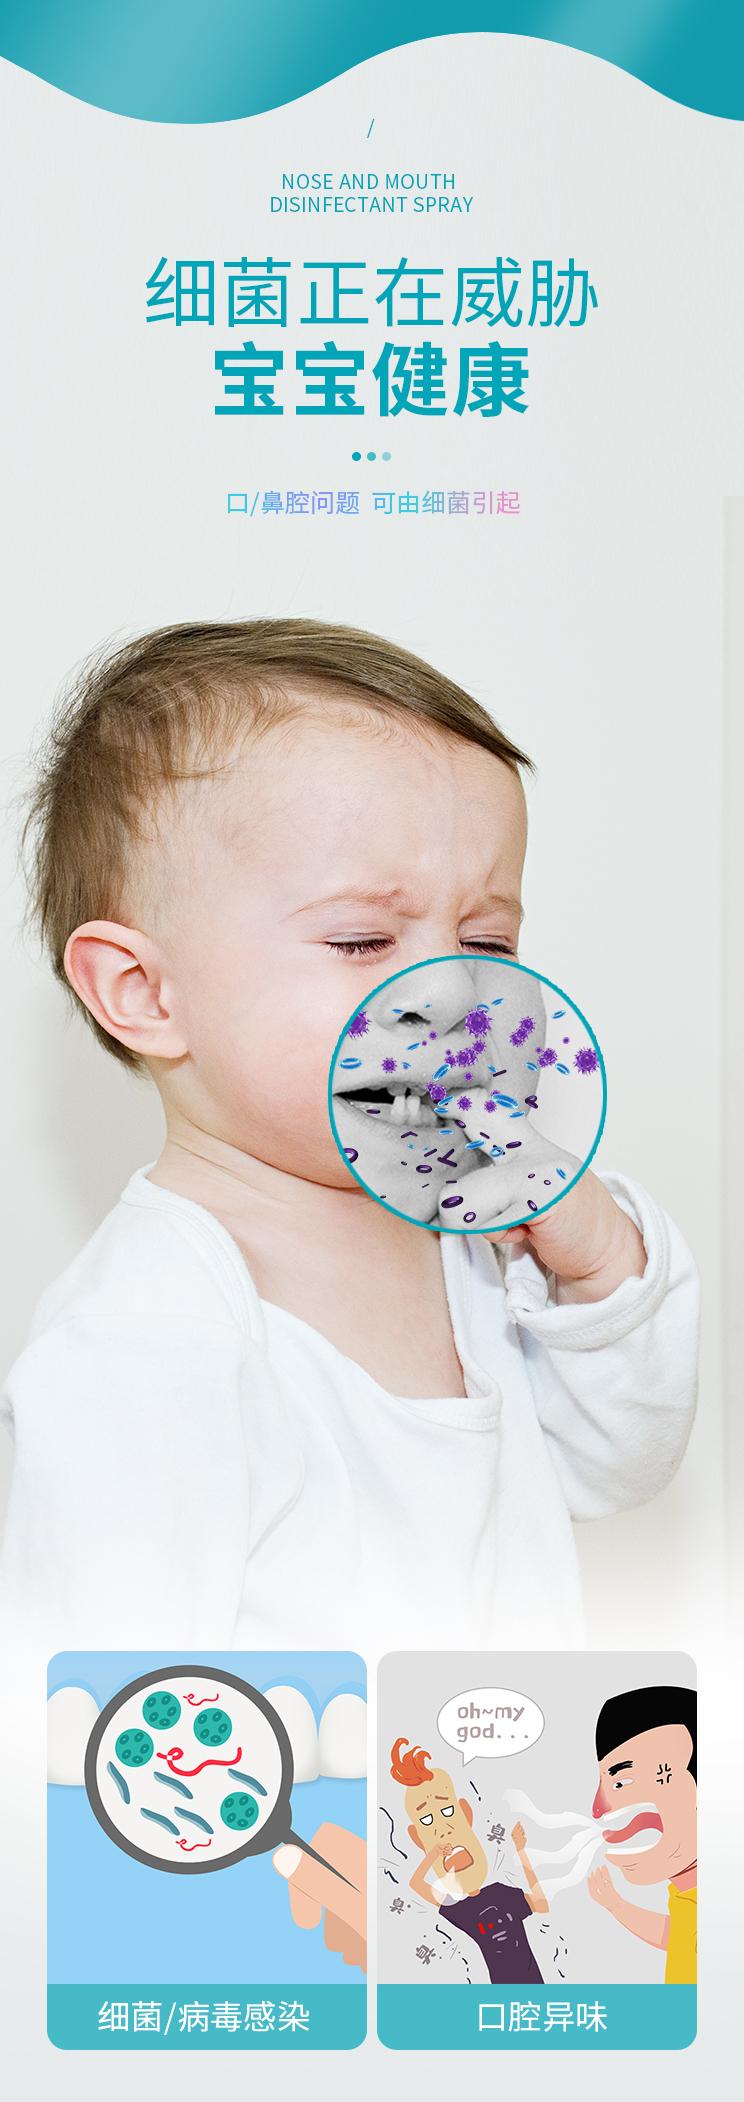 孕嬰童口(鼻)腔清洗消毒噴霧60ml詳情頁_04.jpg